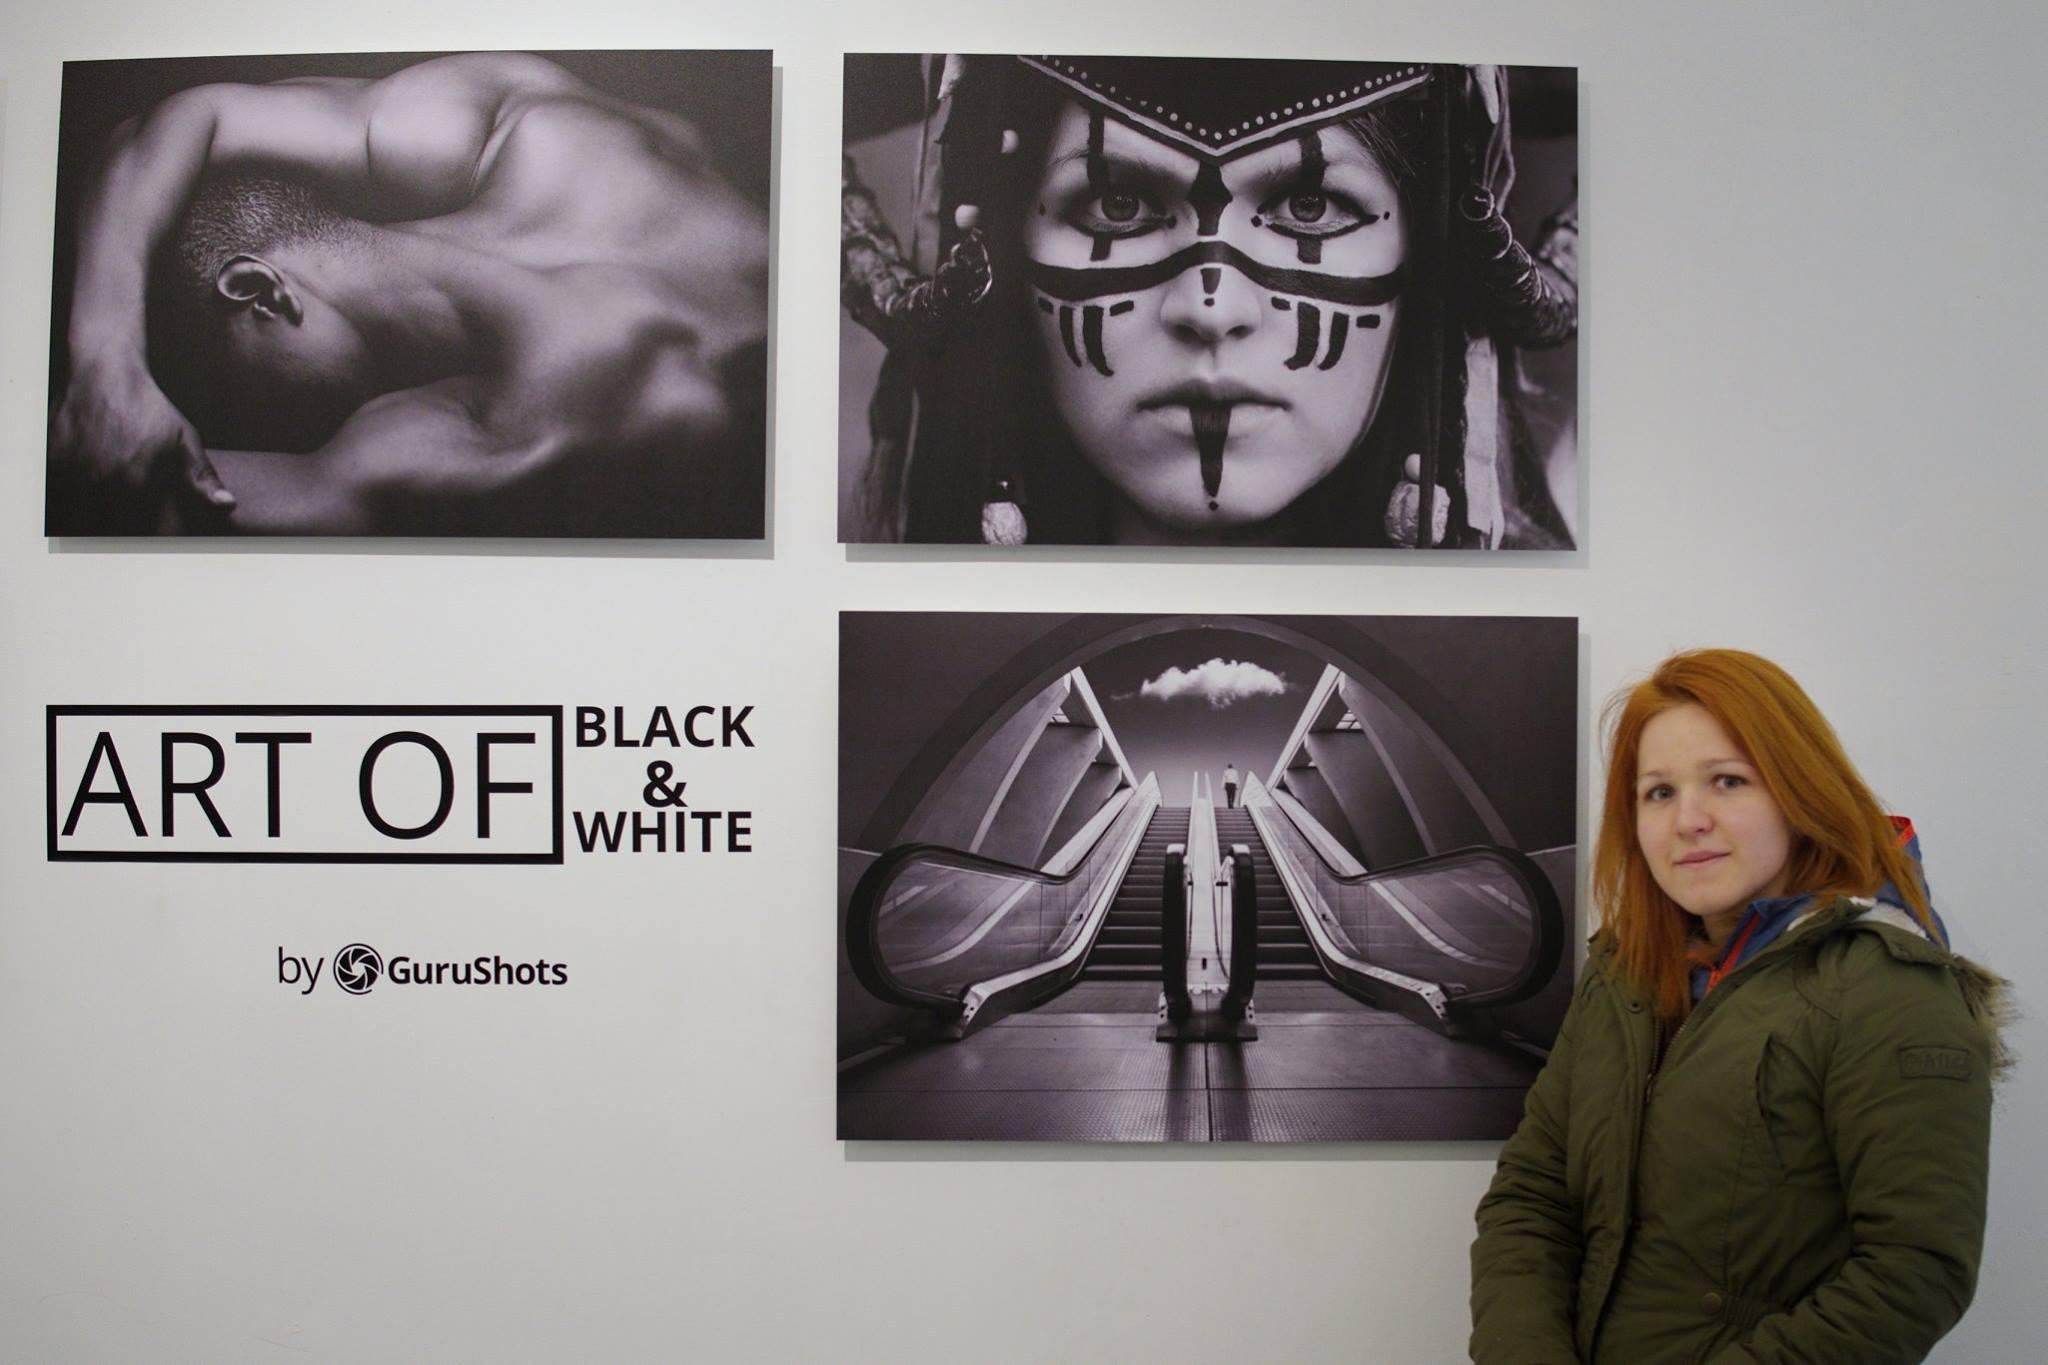 The Art of Black & White